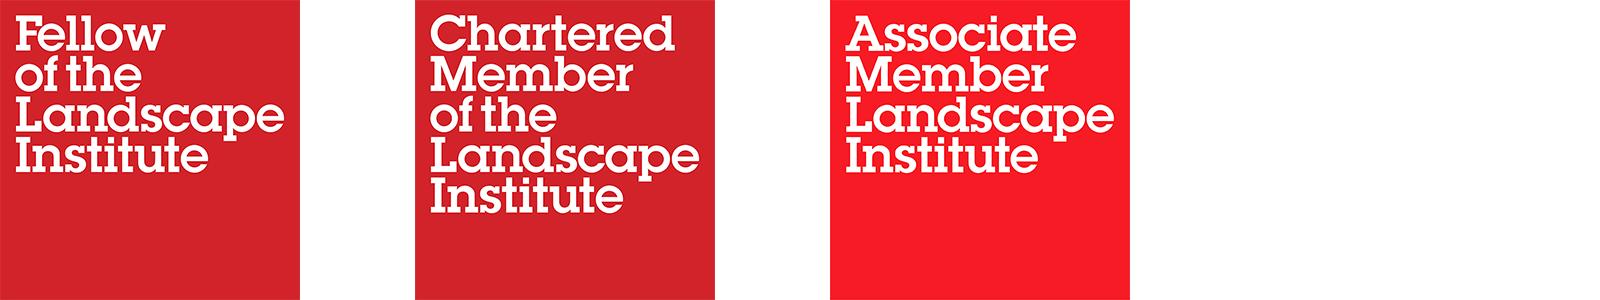 Landscape Institute logos